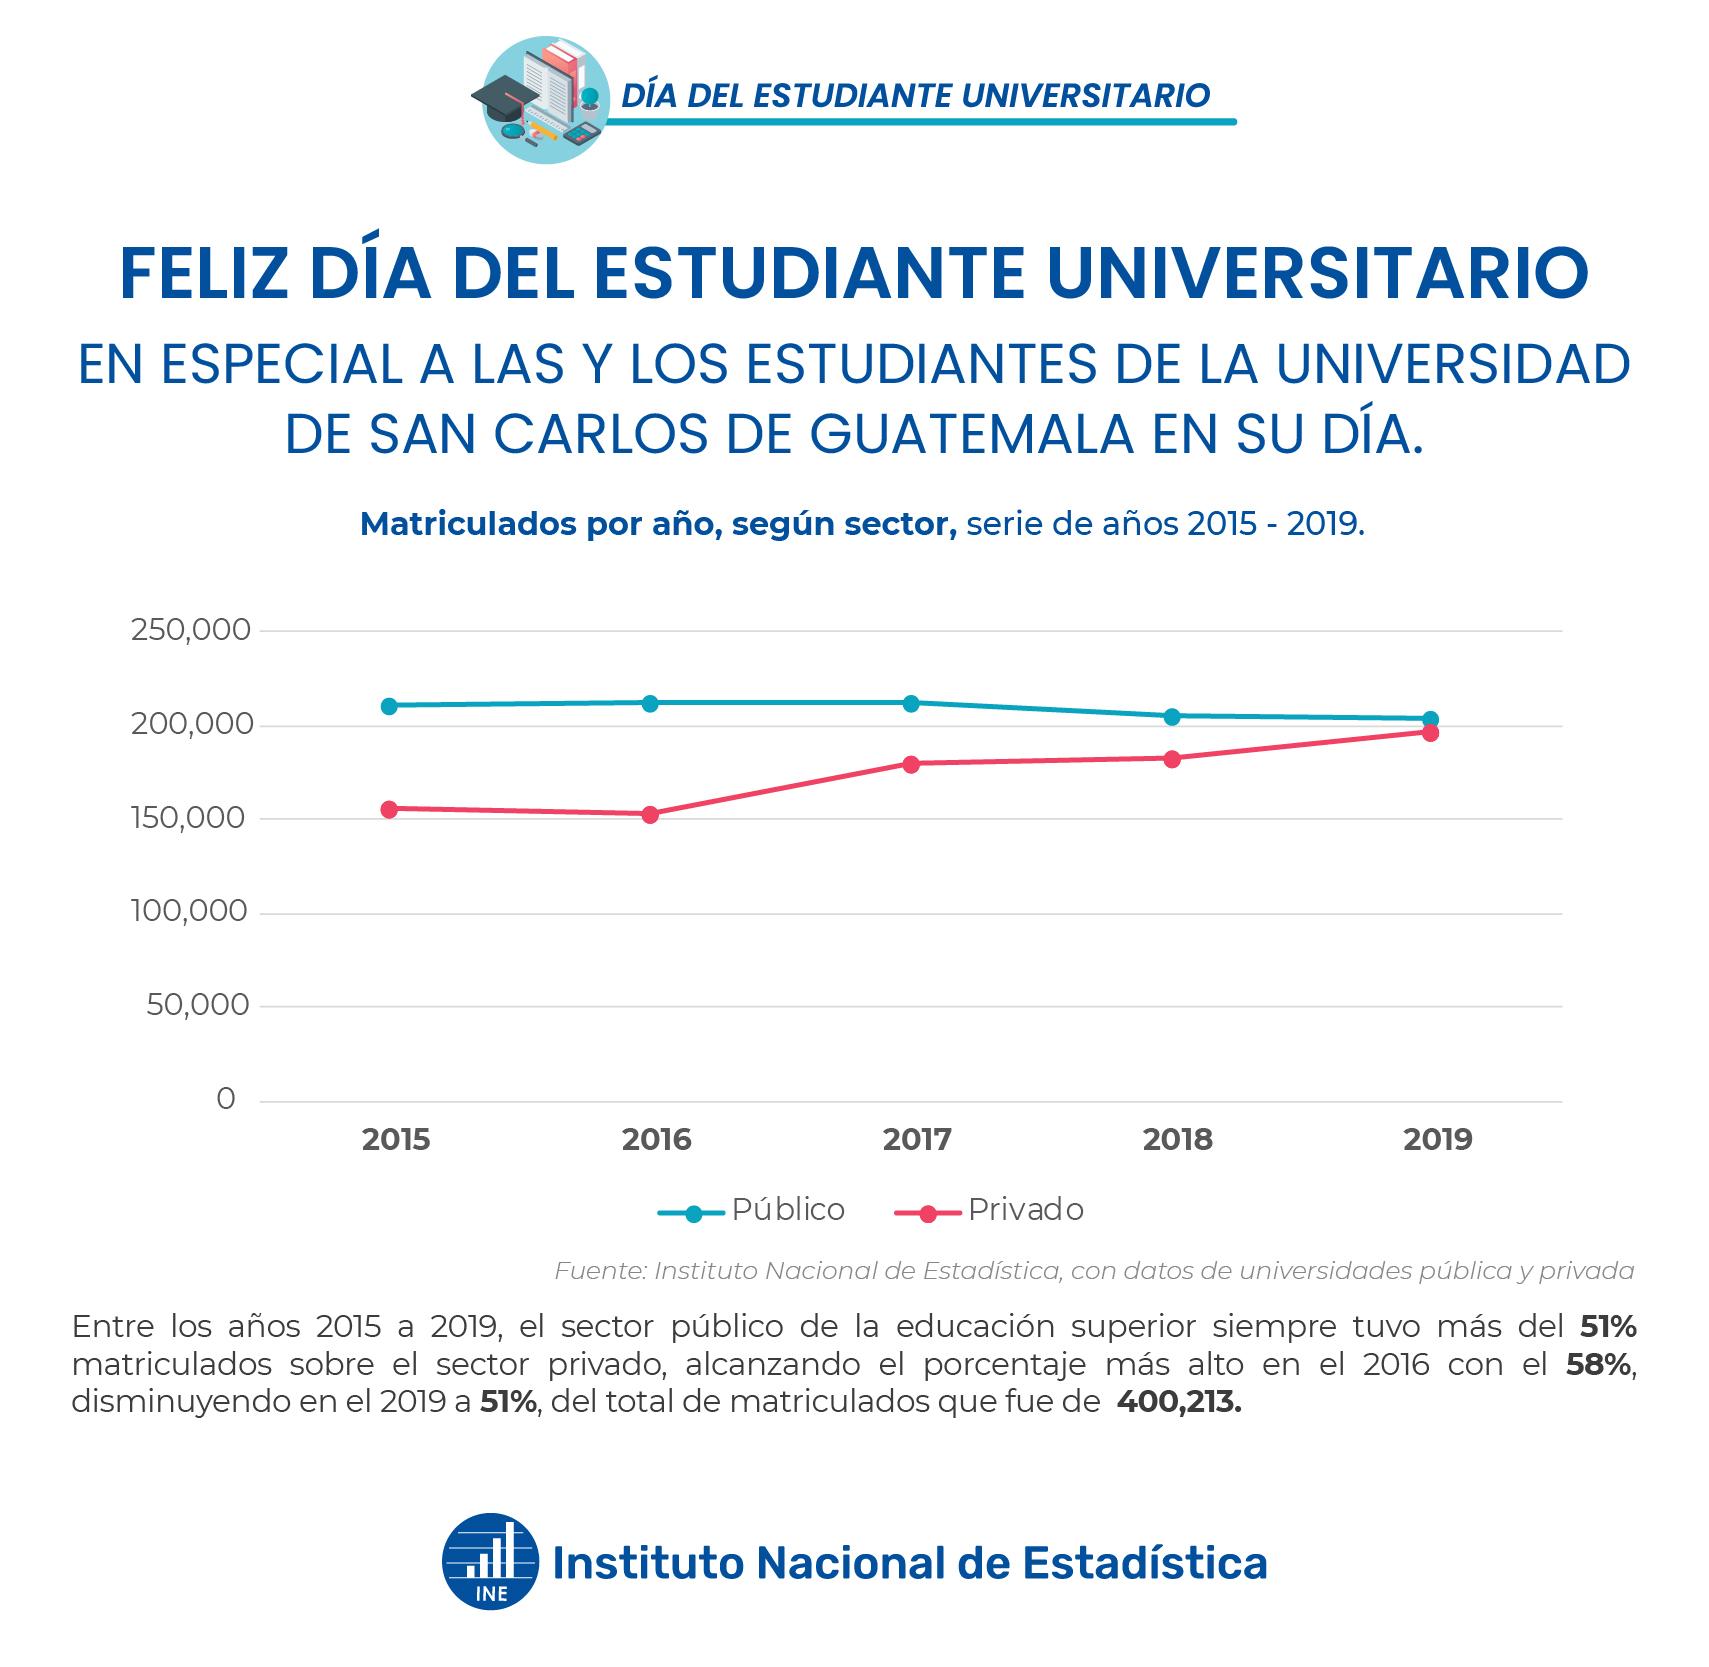 Matriculados por año según sector, serie de años 2015-2019